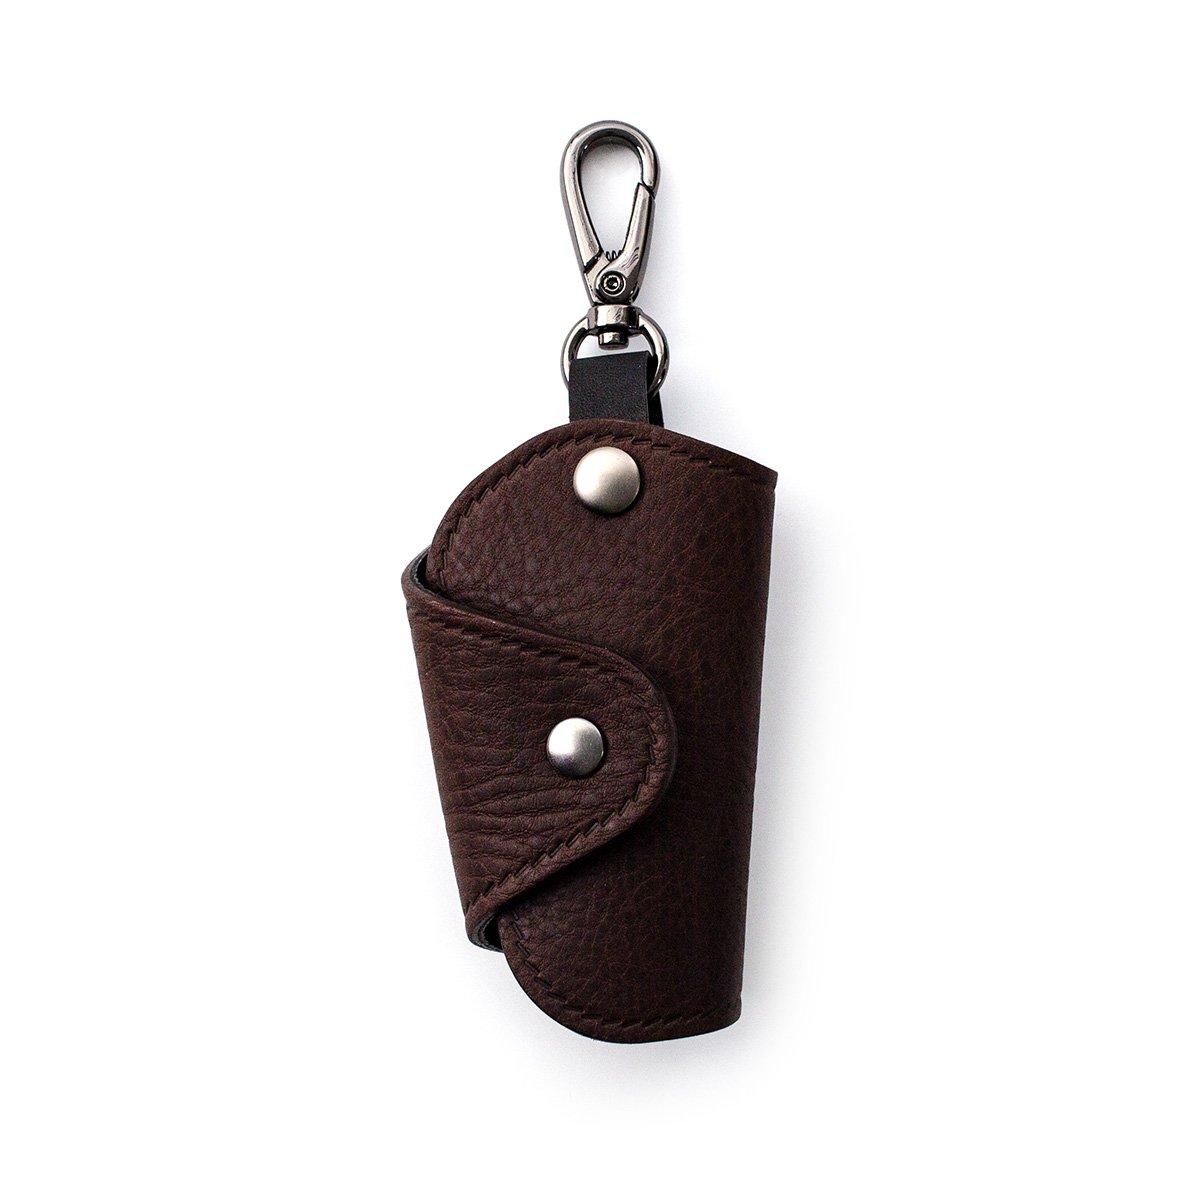 MINERVA 車鑰匙套